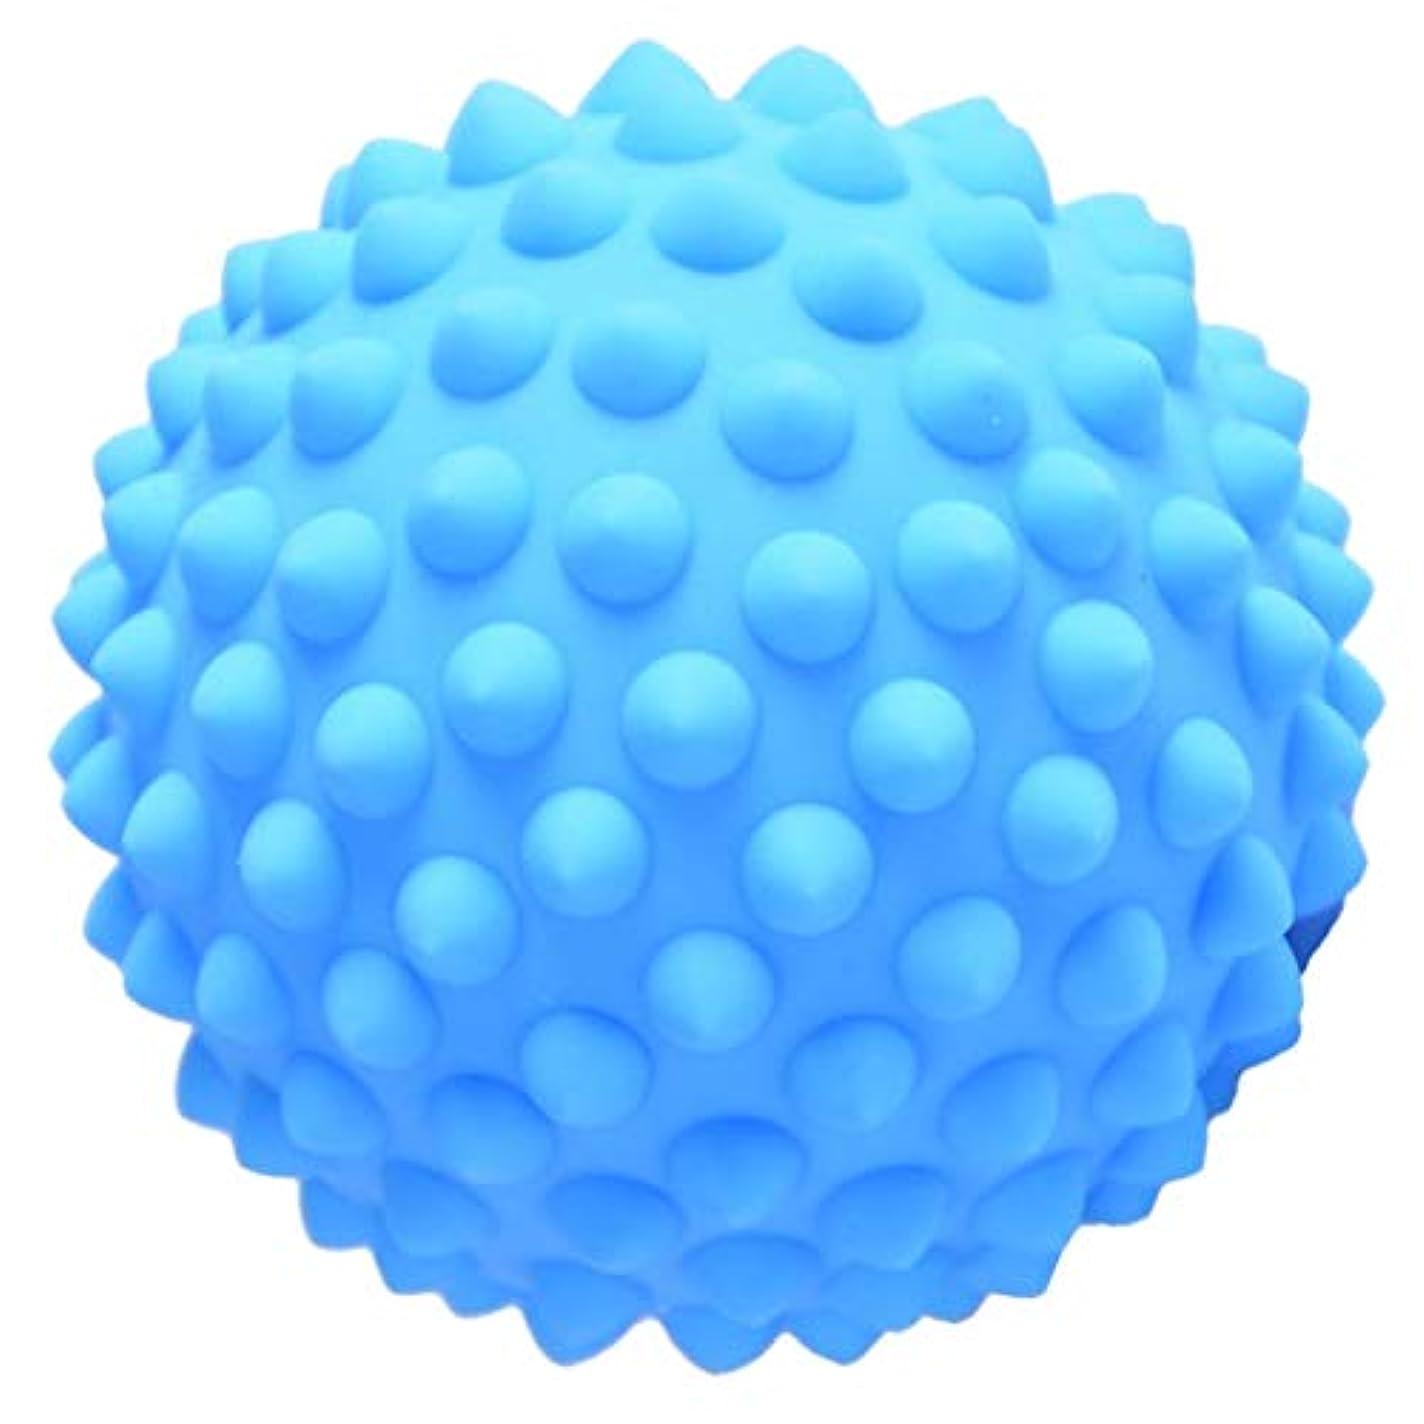 音声学ぬいぐるみ評論家FLAMEER マッサージボール ポイントマッサージ ヨガ道具 3色選べ - 青, 説明のとおり